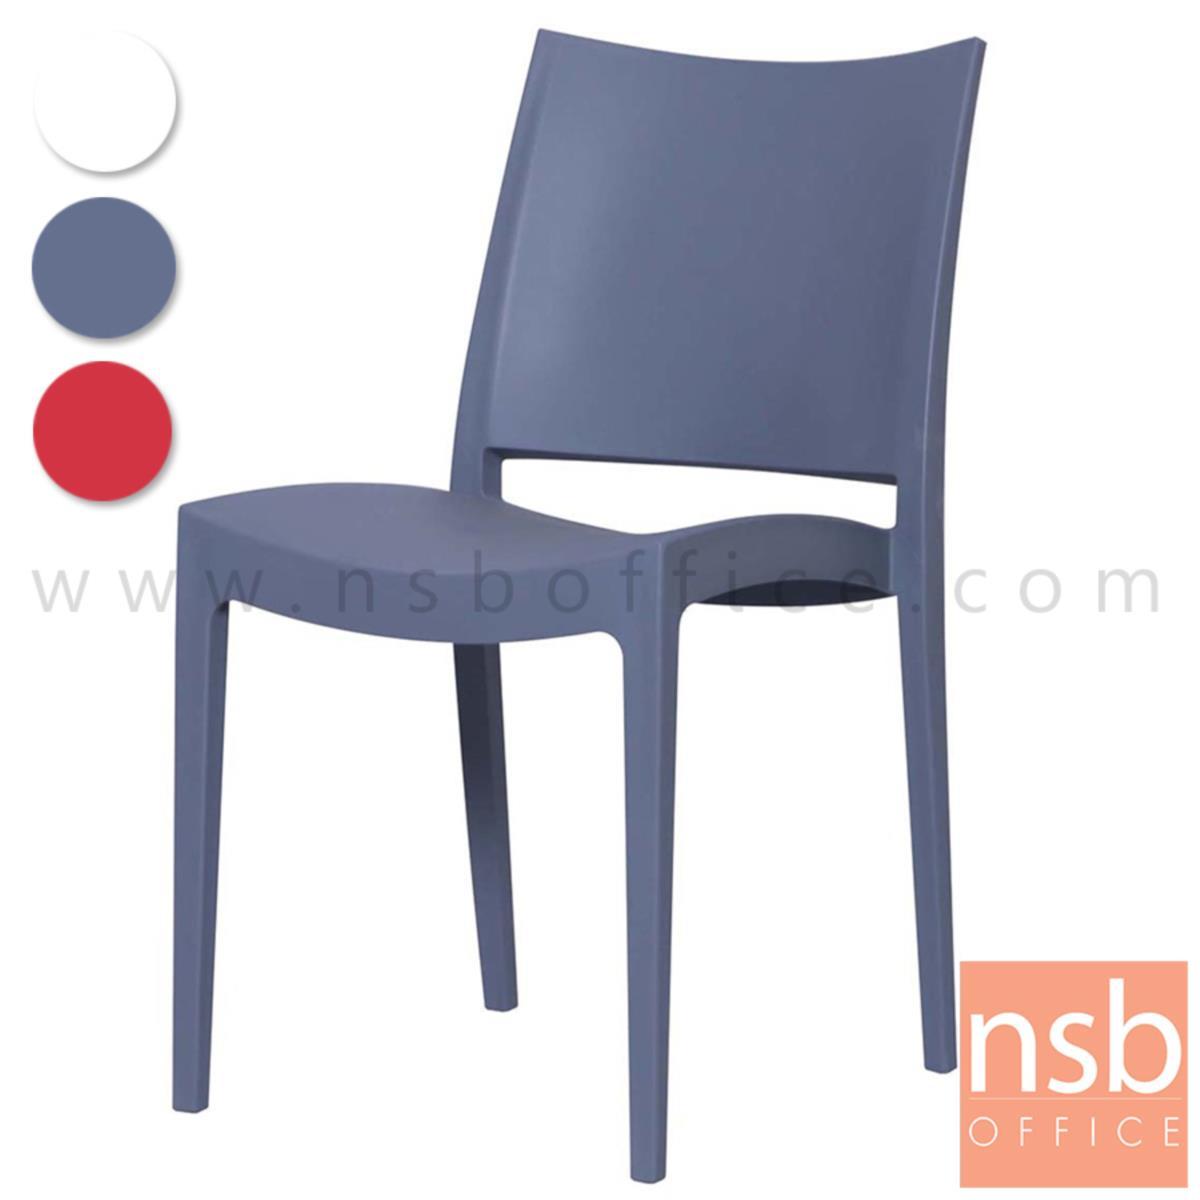 B11A046:เก้าอี้โมเดิร์นพลาสติกโพลี่ รุ่น Hepburn (เฮปเบิร์น)  ขนาด 43W cm.